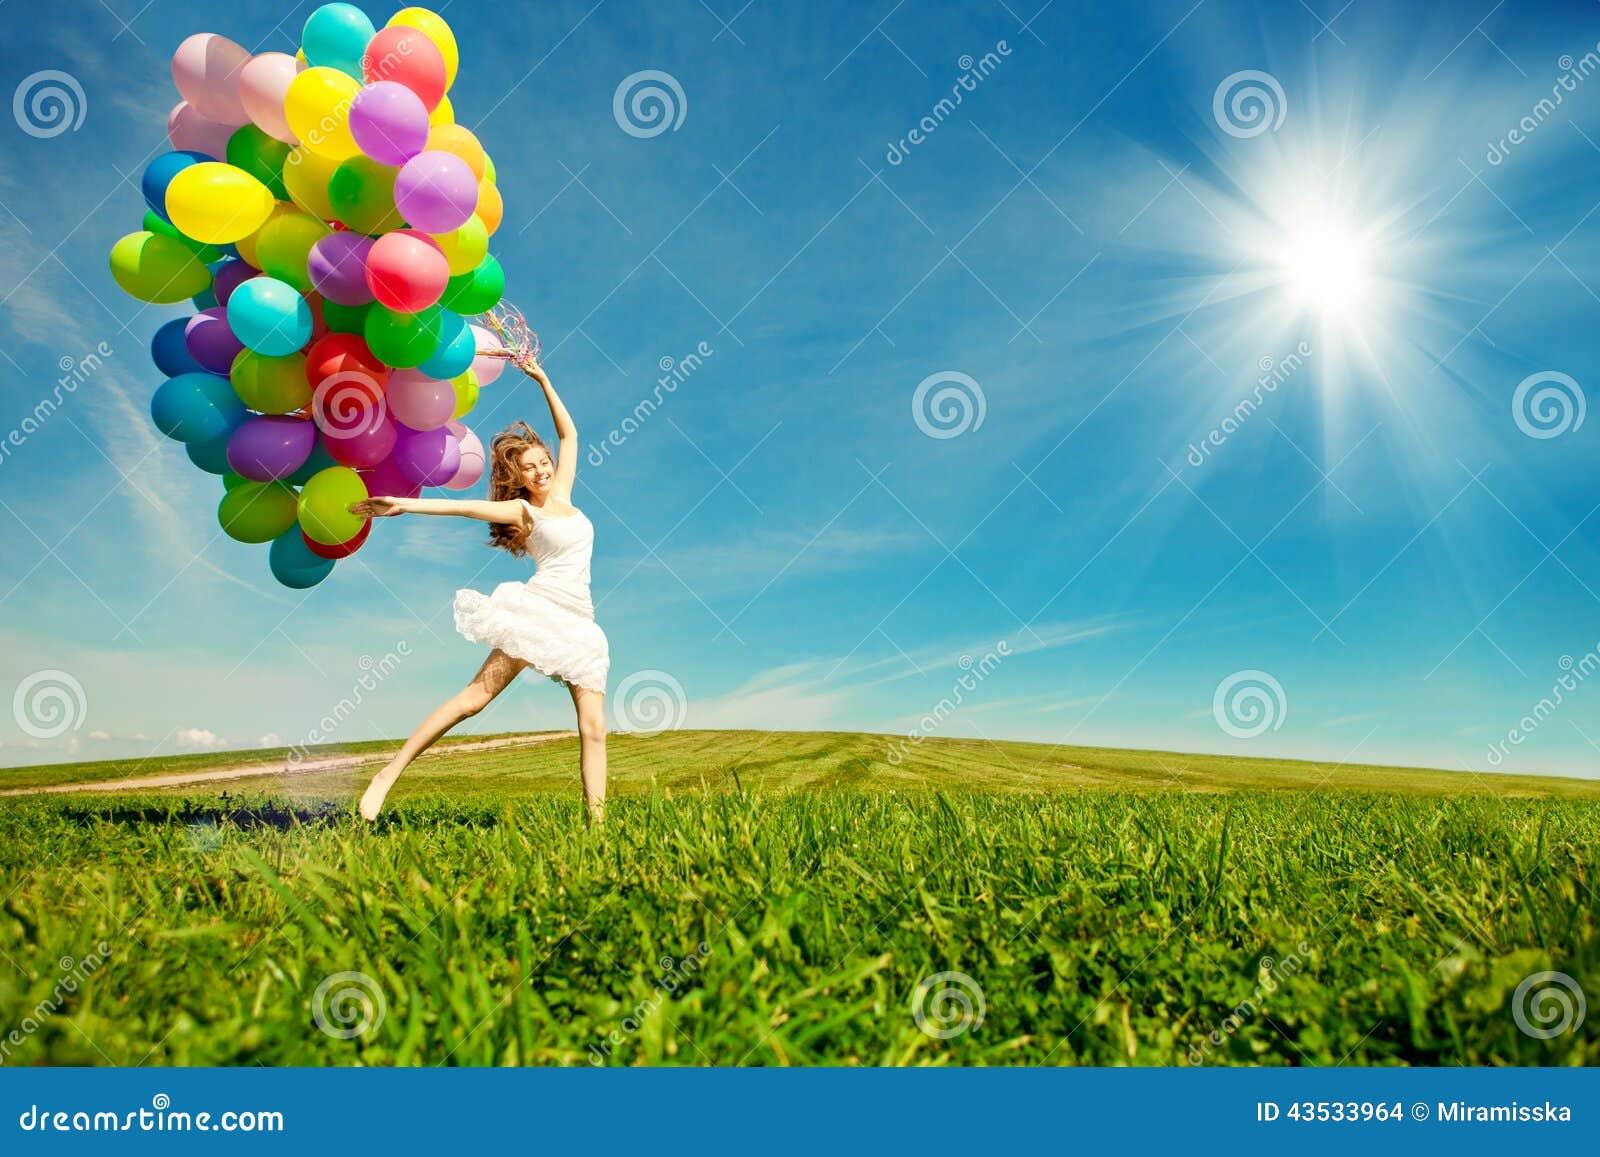 Wszystkiego najlepszego z okazji urodzin kobieta przeciw niebu z barwiącymi lotniczymi półdupkami